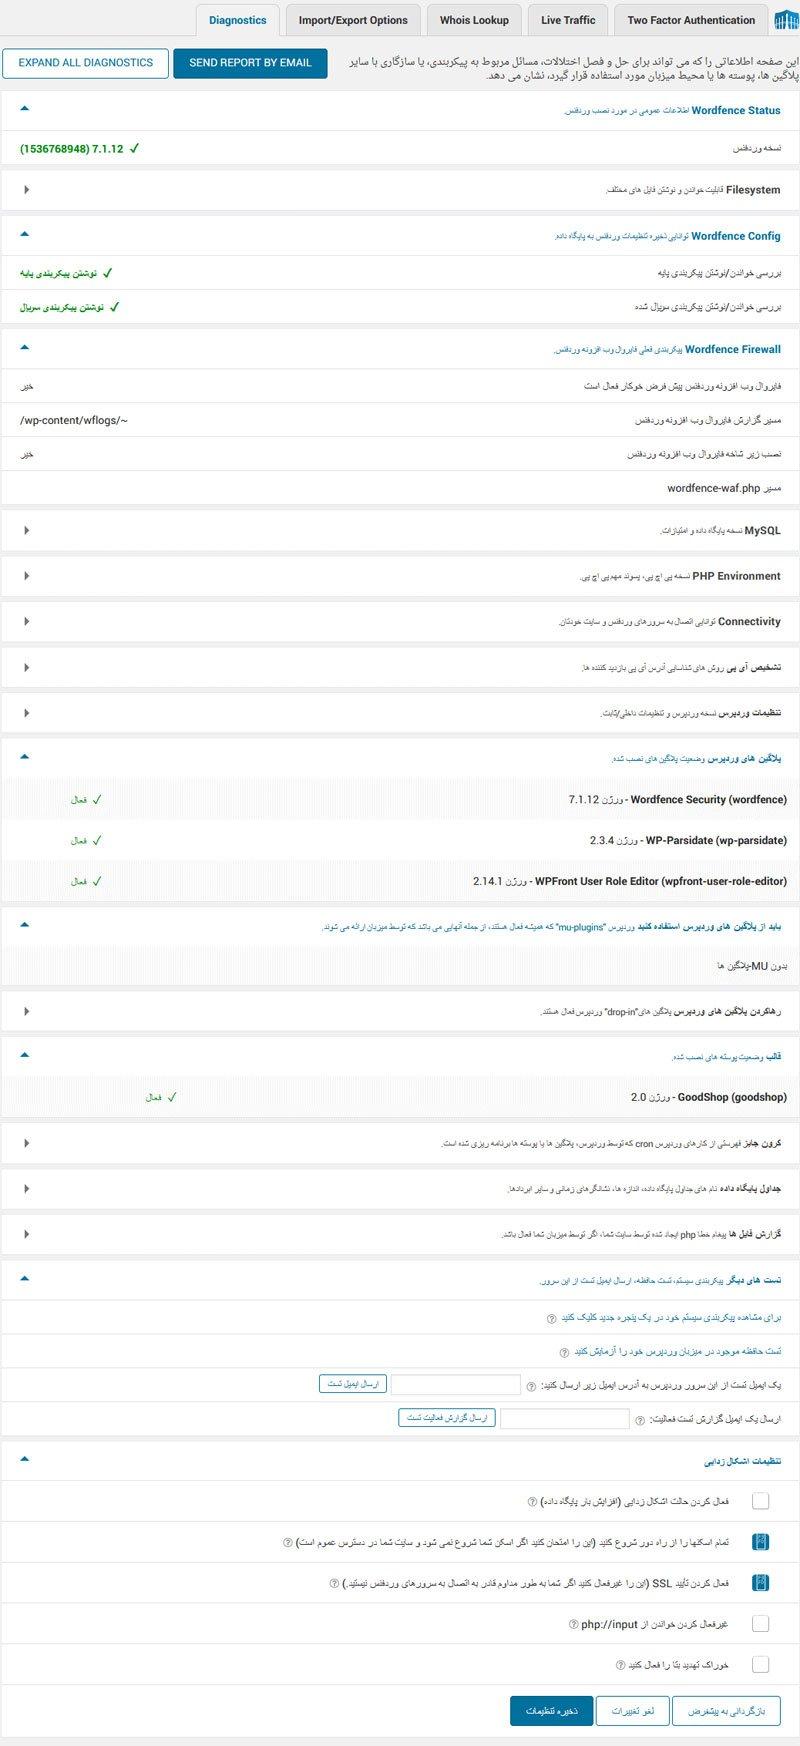 قابلیت تشخیصی افزونه وردفنس و شناسایی کامل وبسایت وردپرسی شما